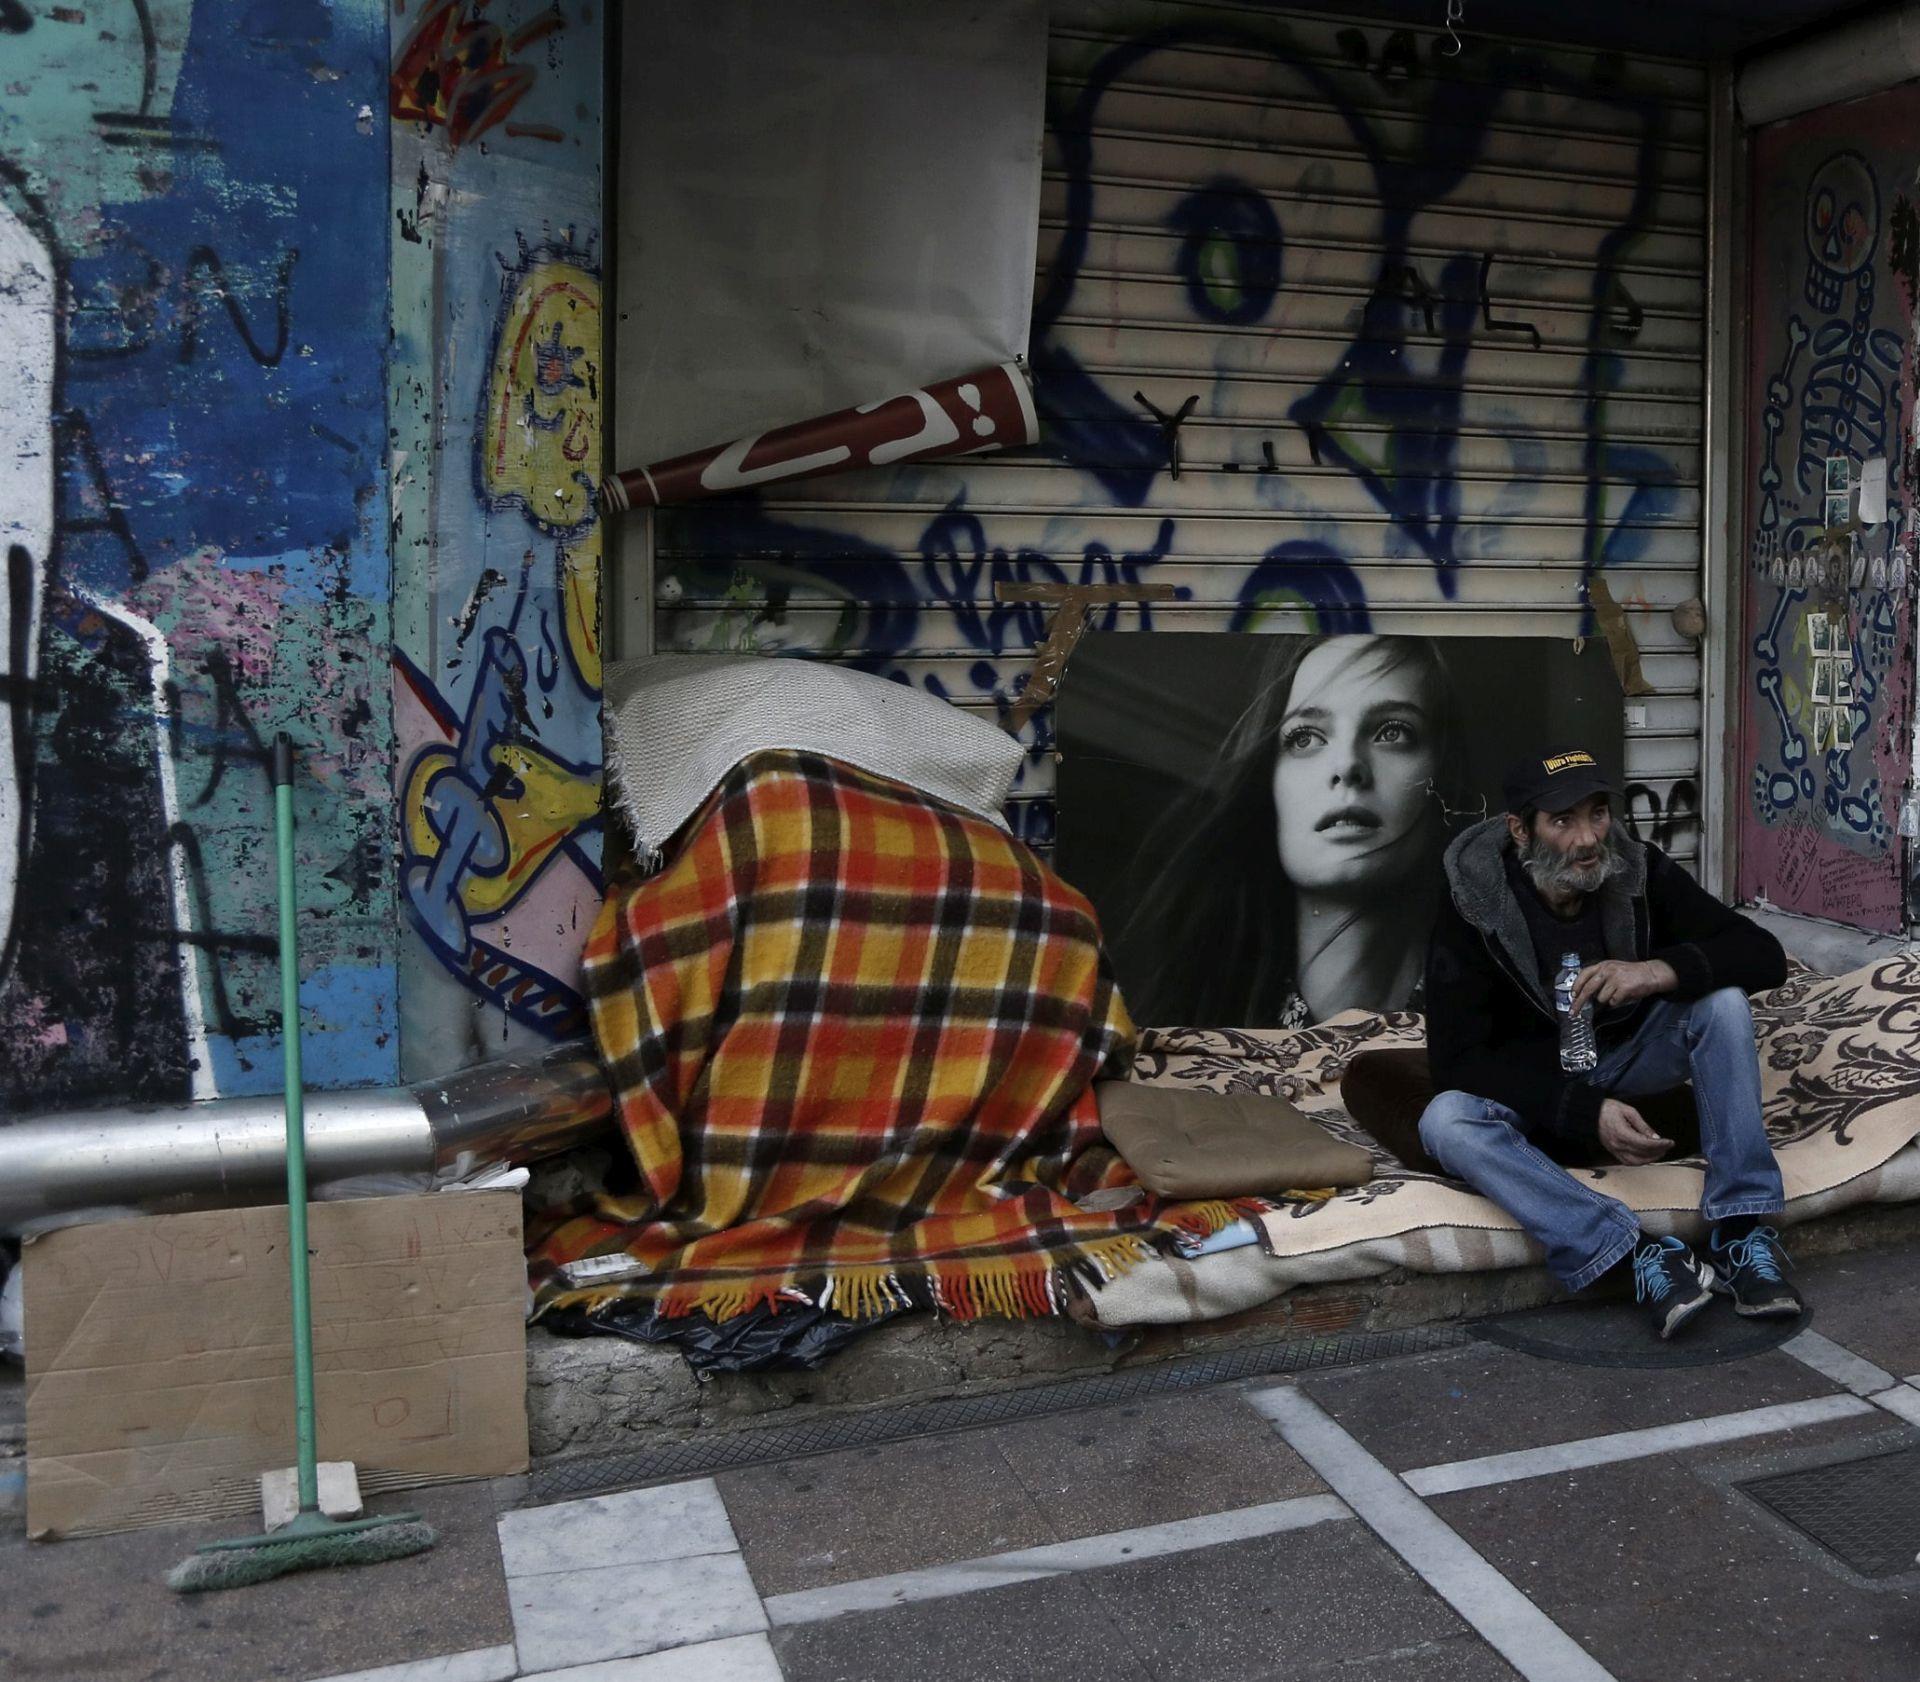 POKRENUT PROGRAM PRIHVATA: 20.000 podnositelja zahtjeva za azilom u Grčkoj